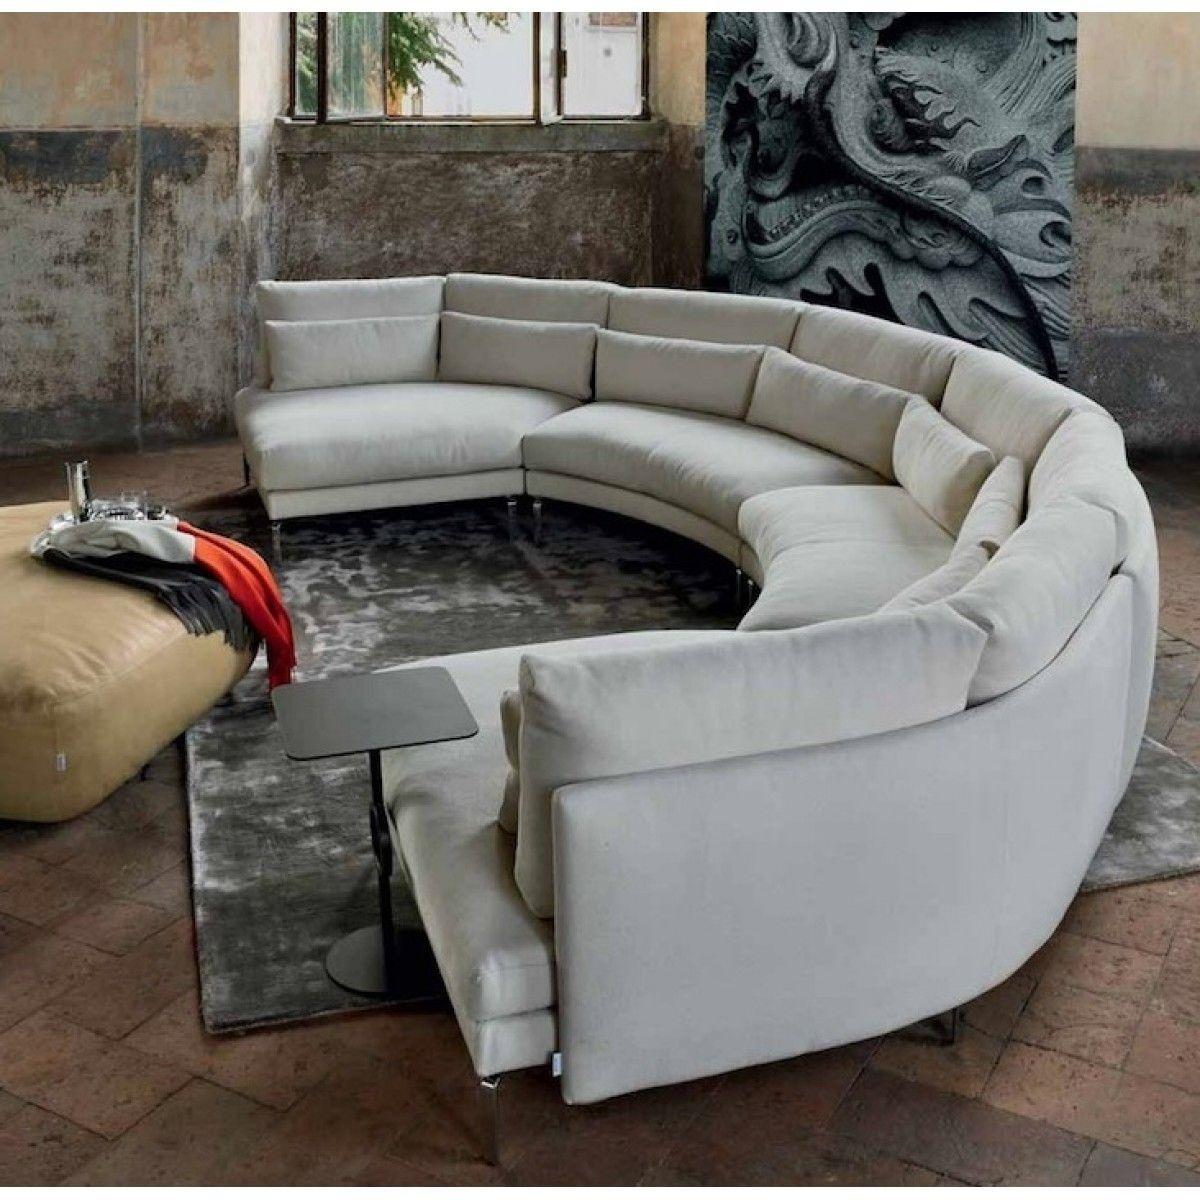 Circular Sofa Uk (View 5 of 20)